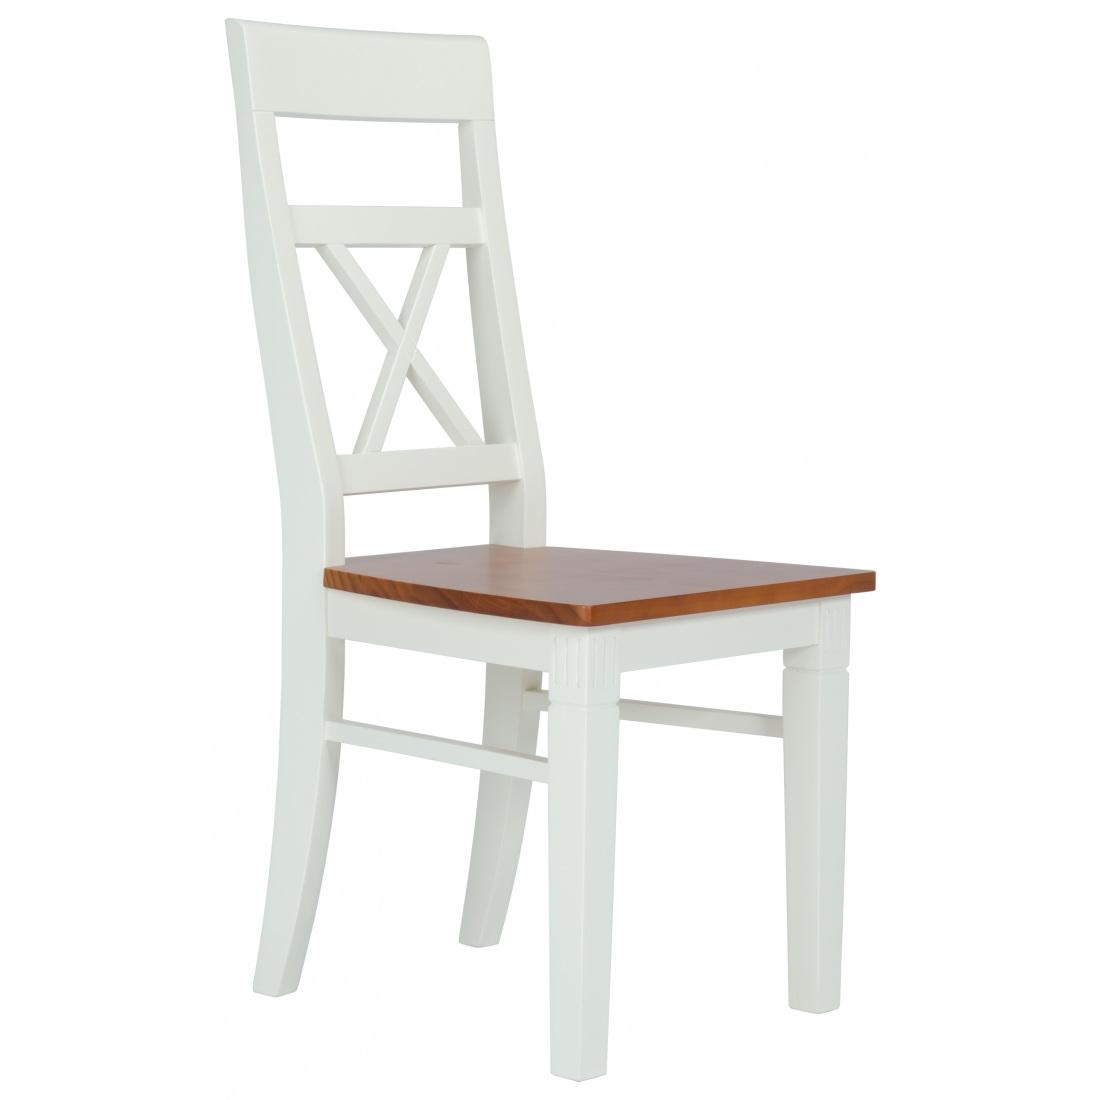 Esszimmerstuhl Stuhl Stühle Küchenstühle Essgruppe - moebel-Liebe.com